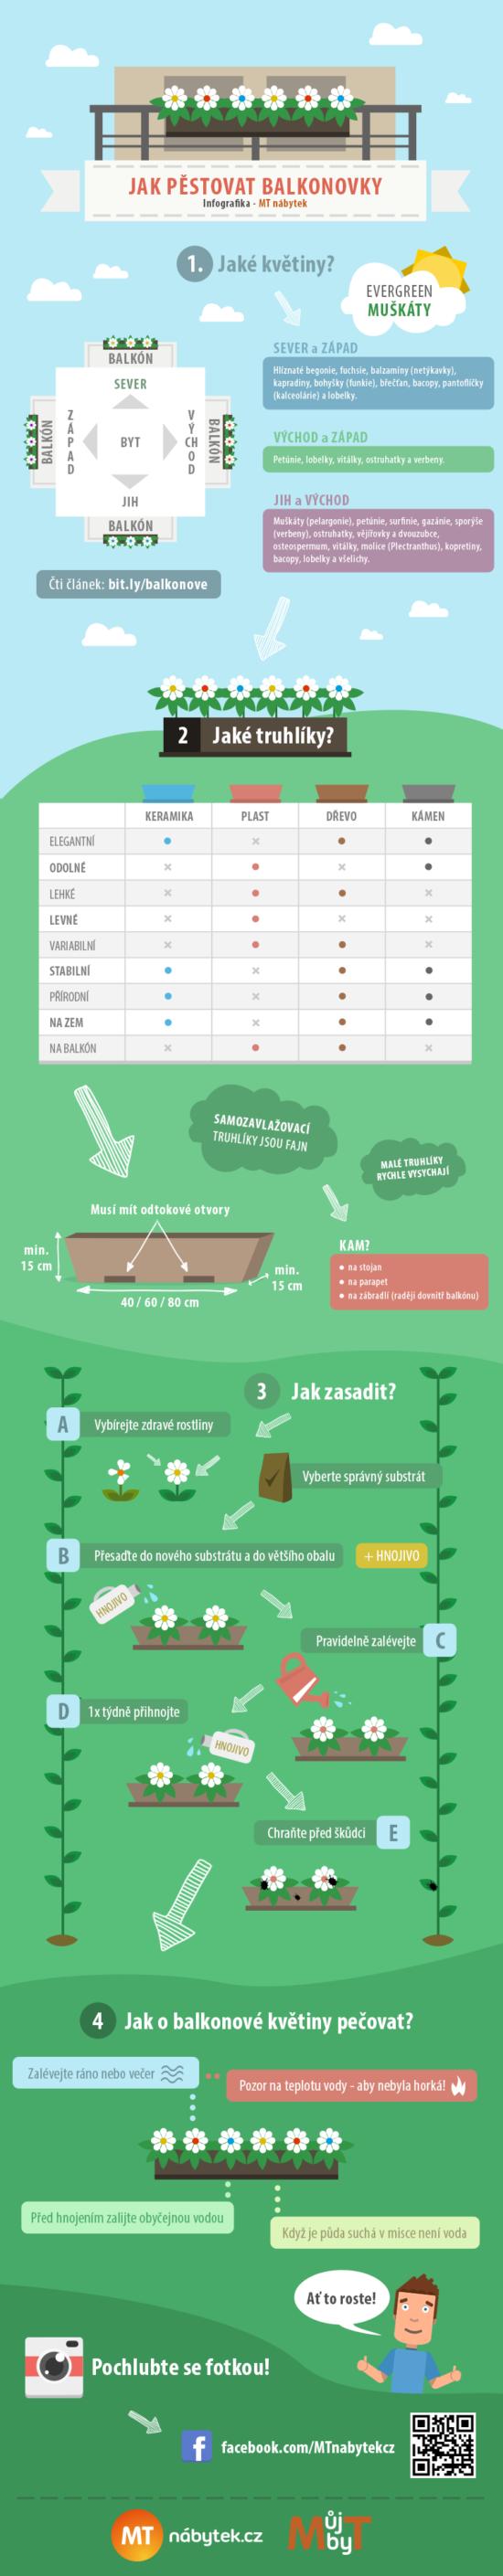 Jak na pěstování balkonovek? – Infografika